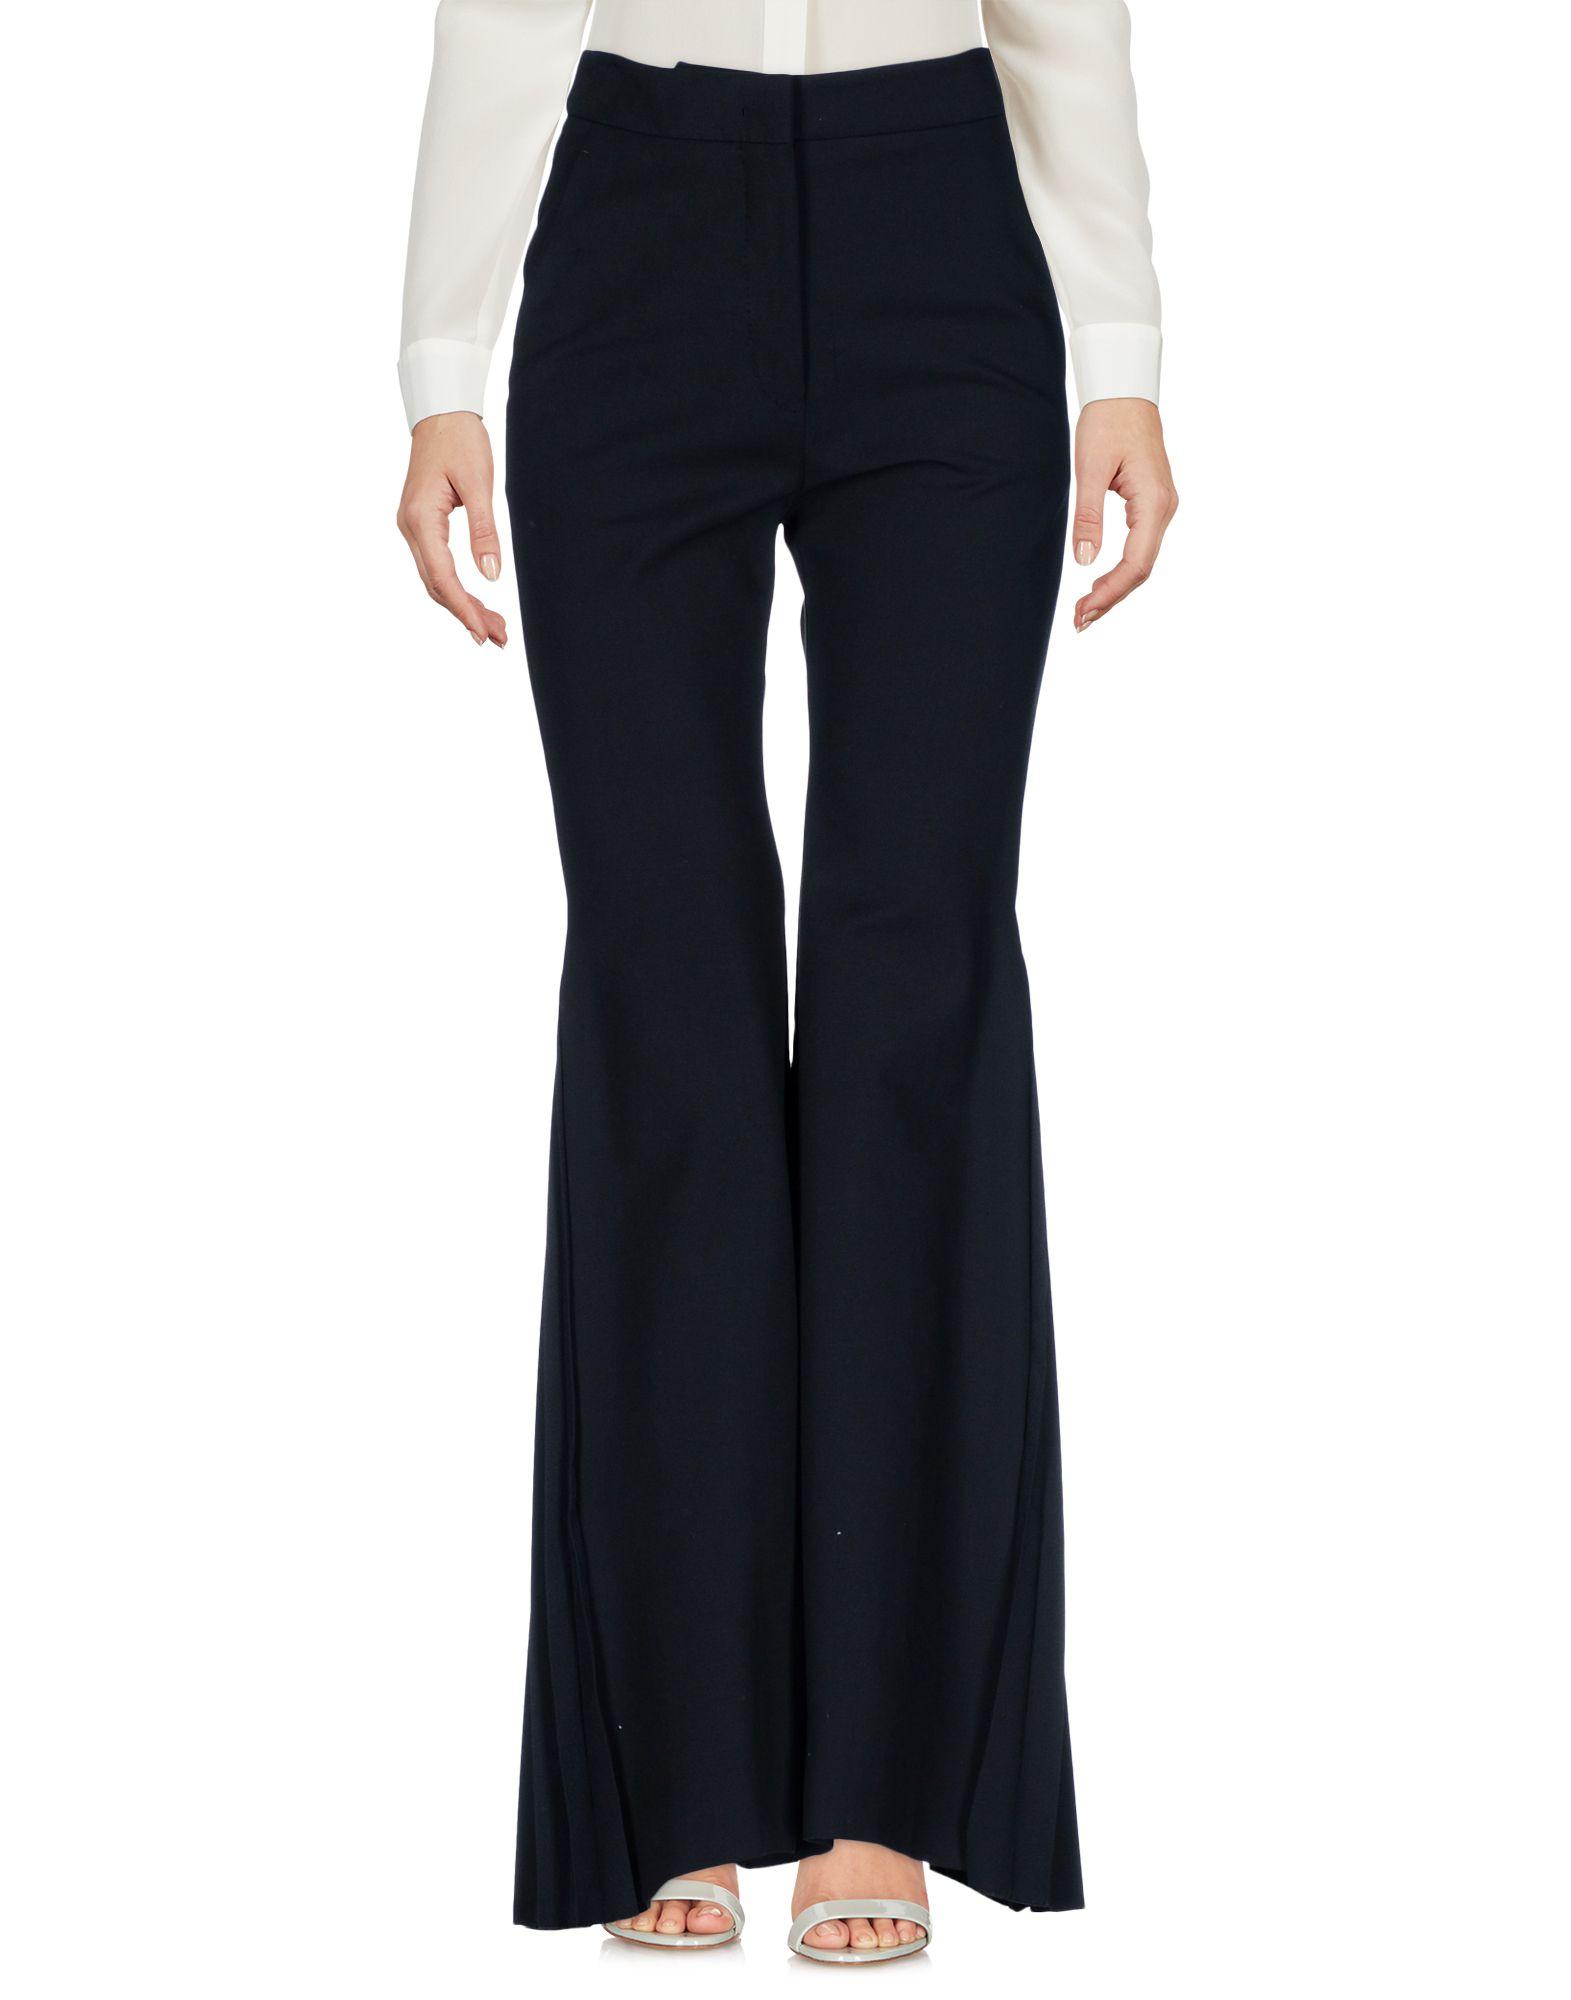 Pantalone Sara Battaglia Donna - Acquista online su VZyd9cu